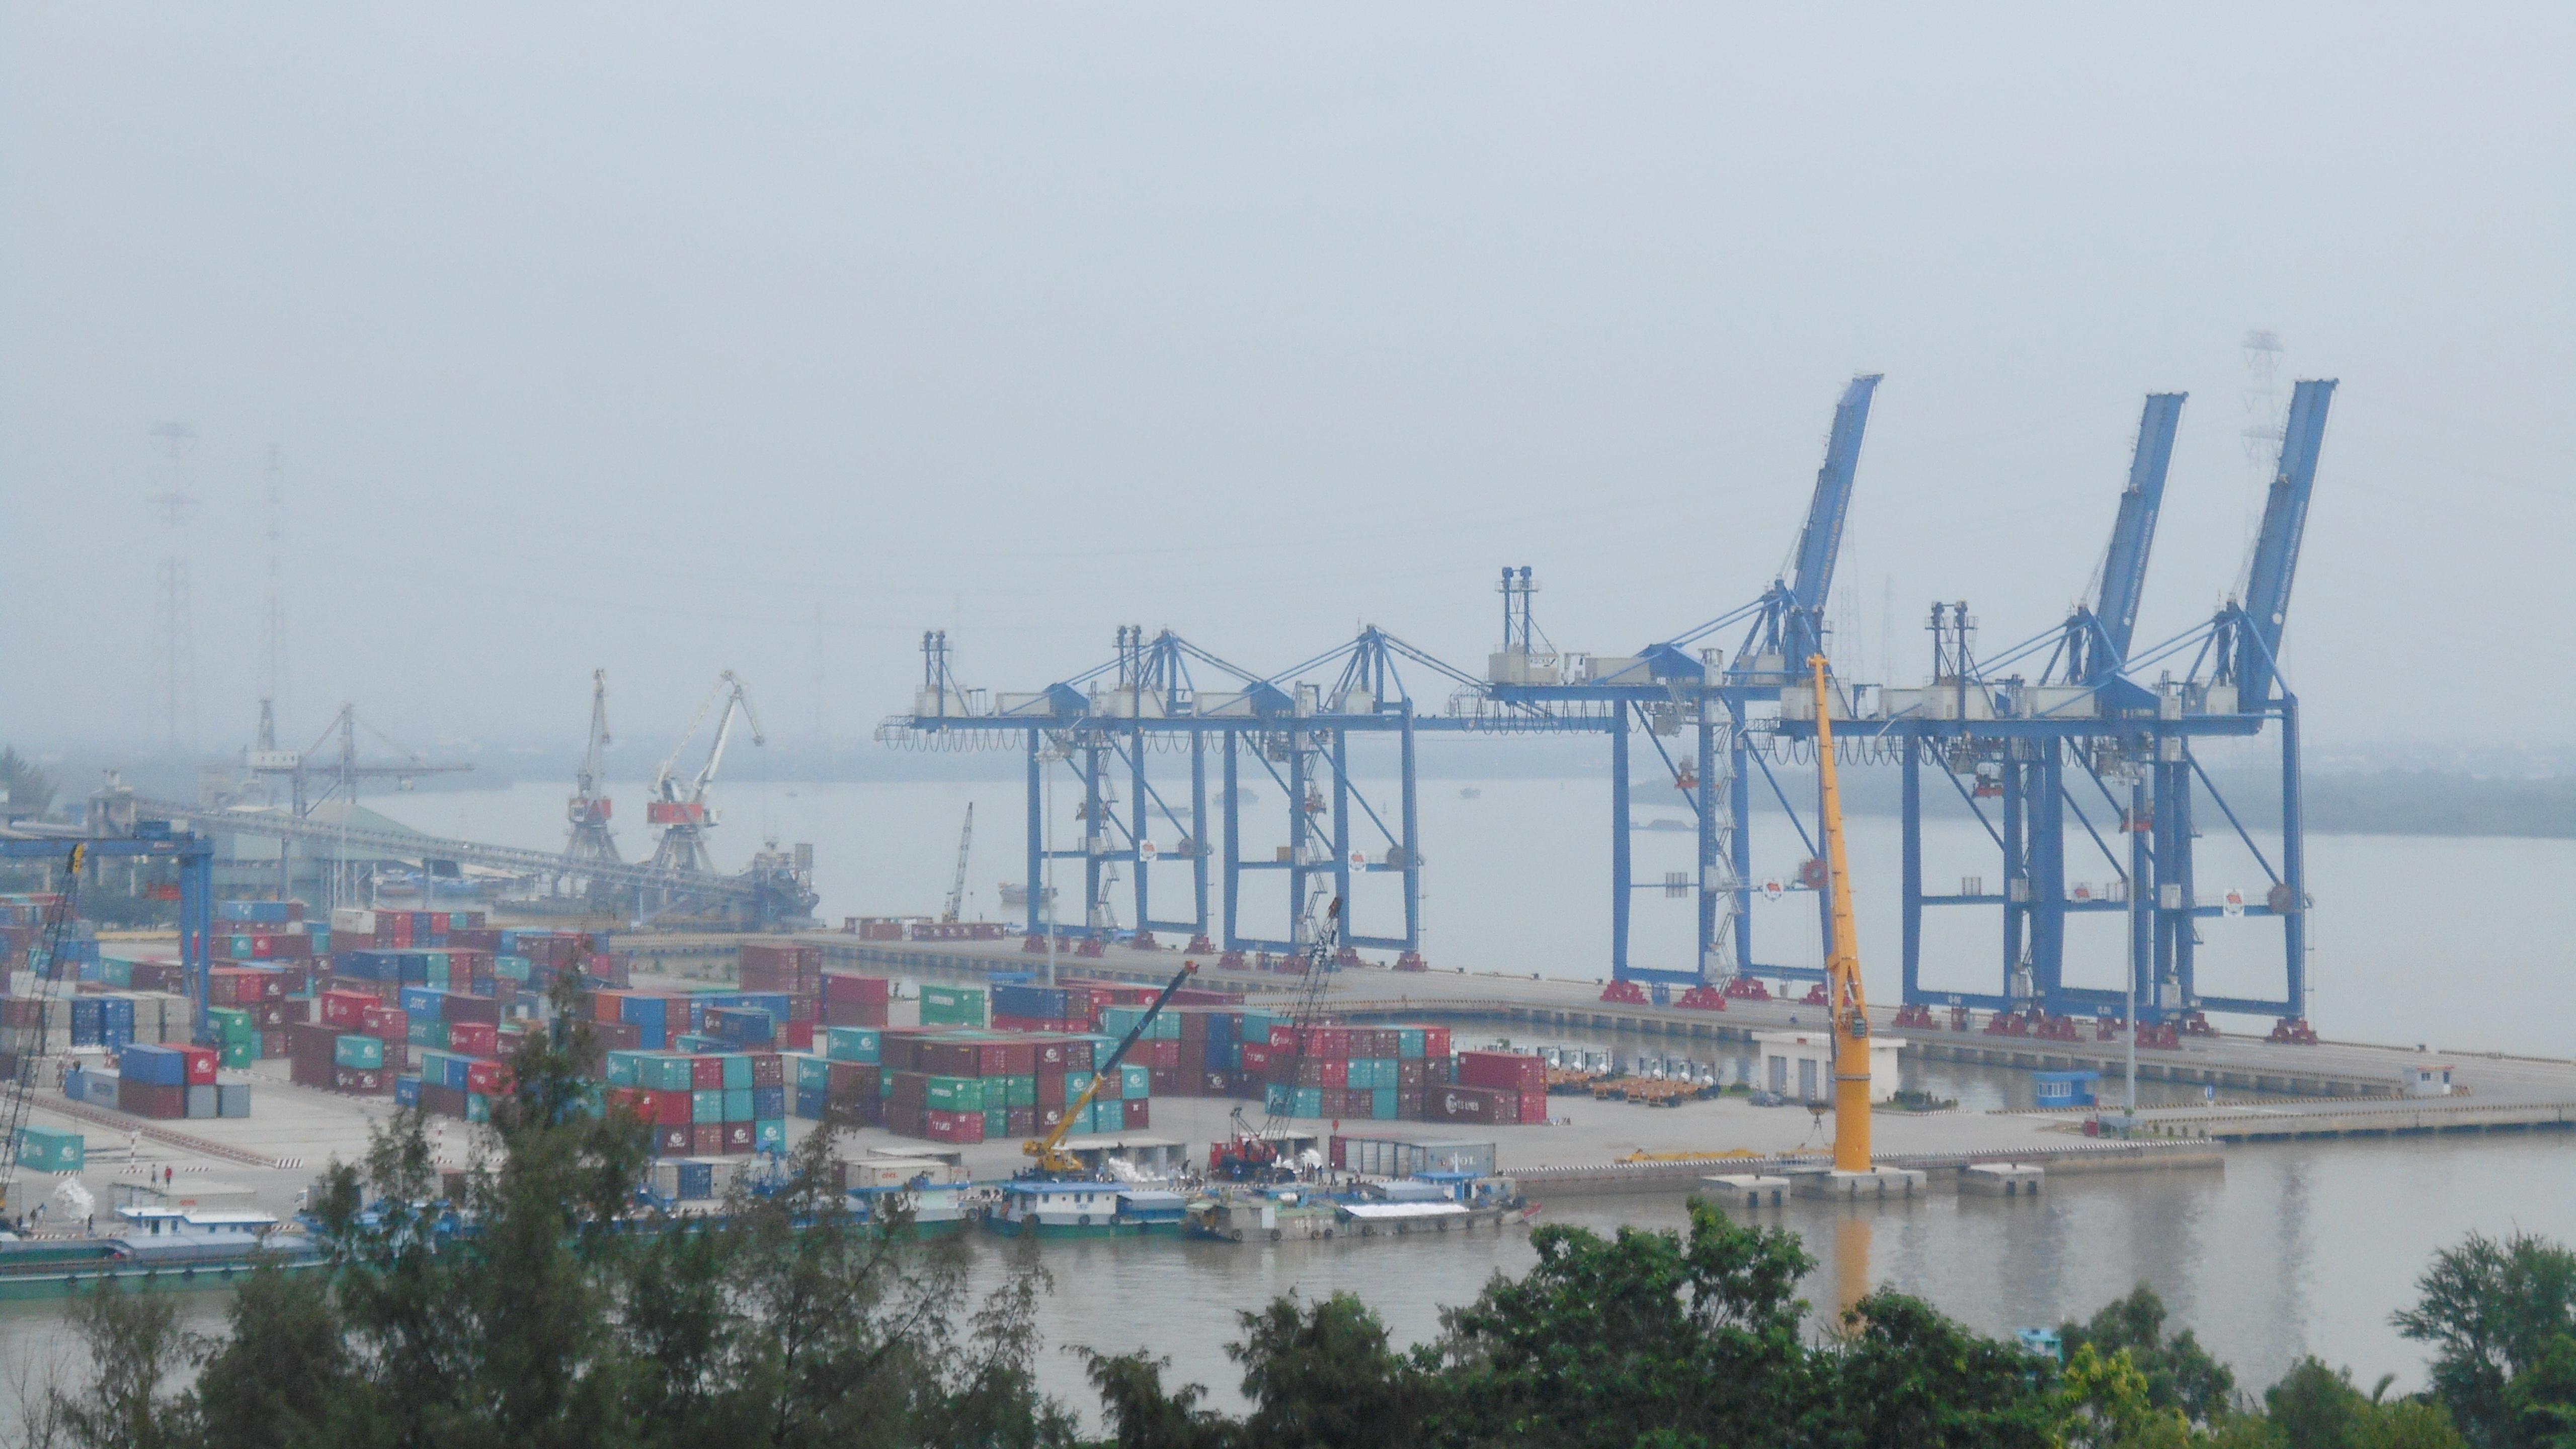 Địa chỉ các hãng tàu biển quốc tế tại TP.HCM